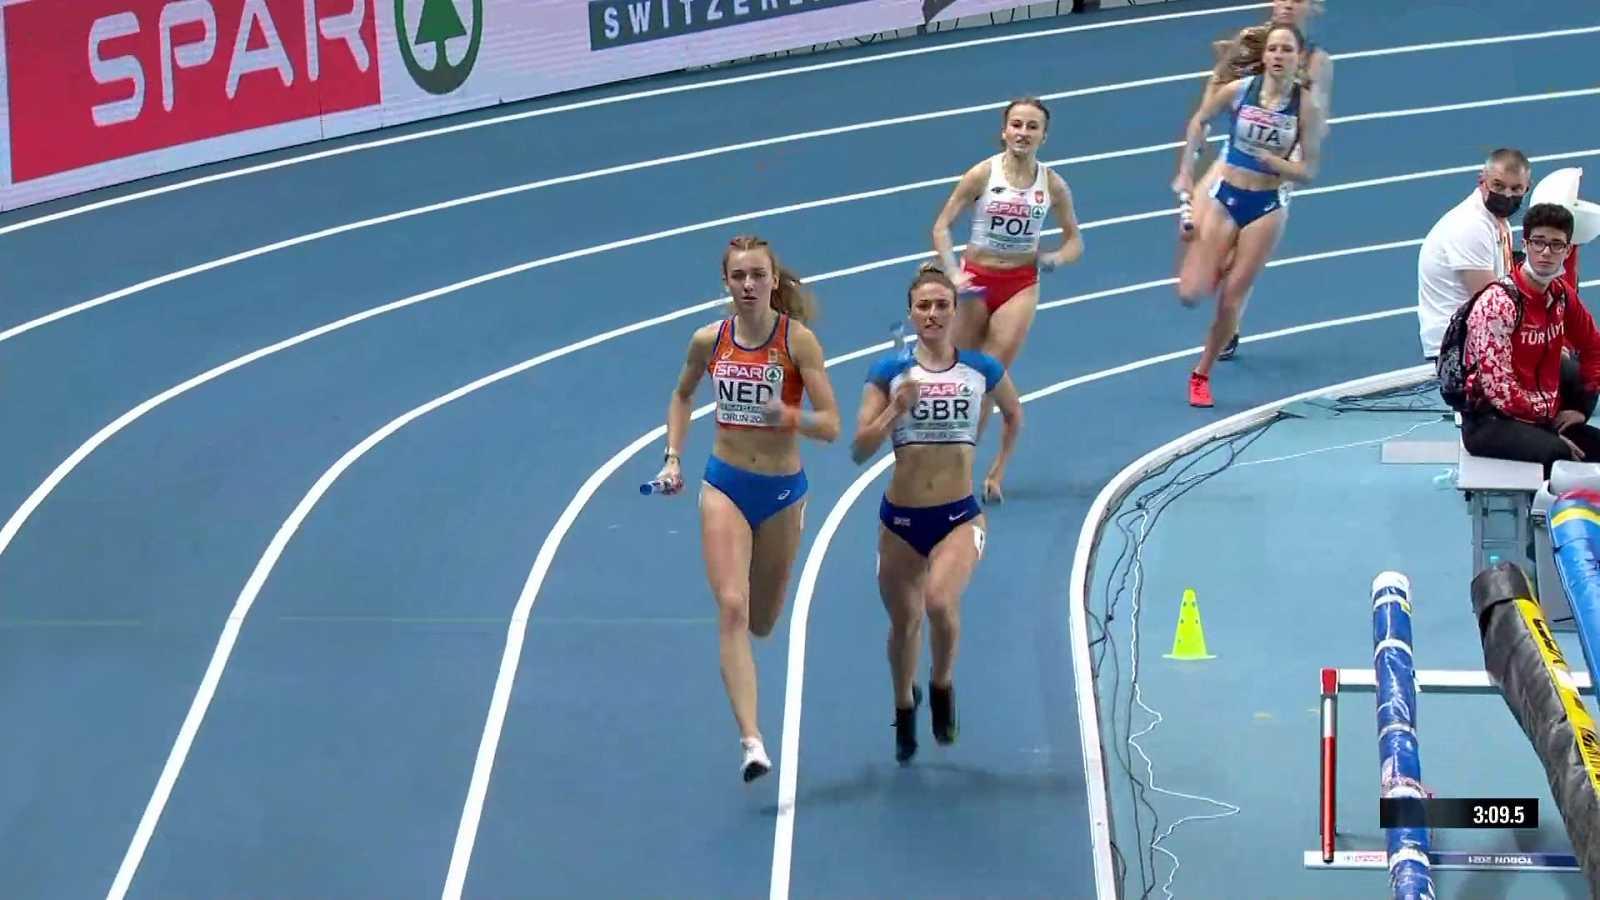 Atletismo - Campeonato de Europa Pista Cubierta. Final Femenina 4x400m - ver ahora